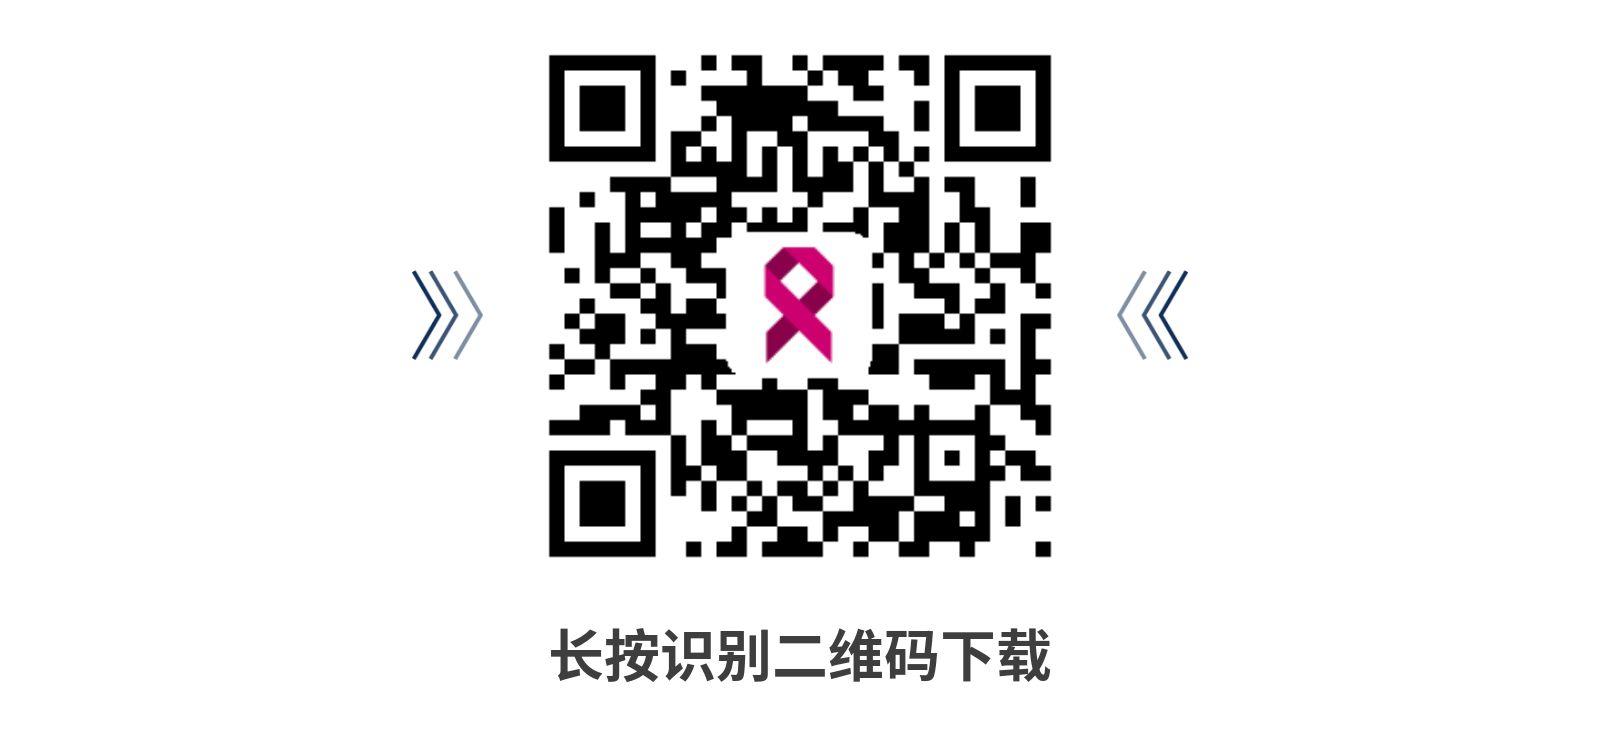 xiumi_1532757157692_37860484.jpg